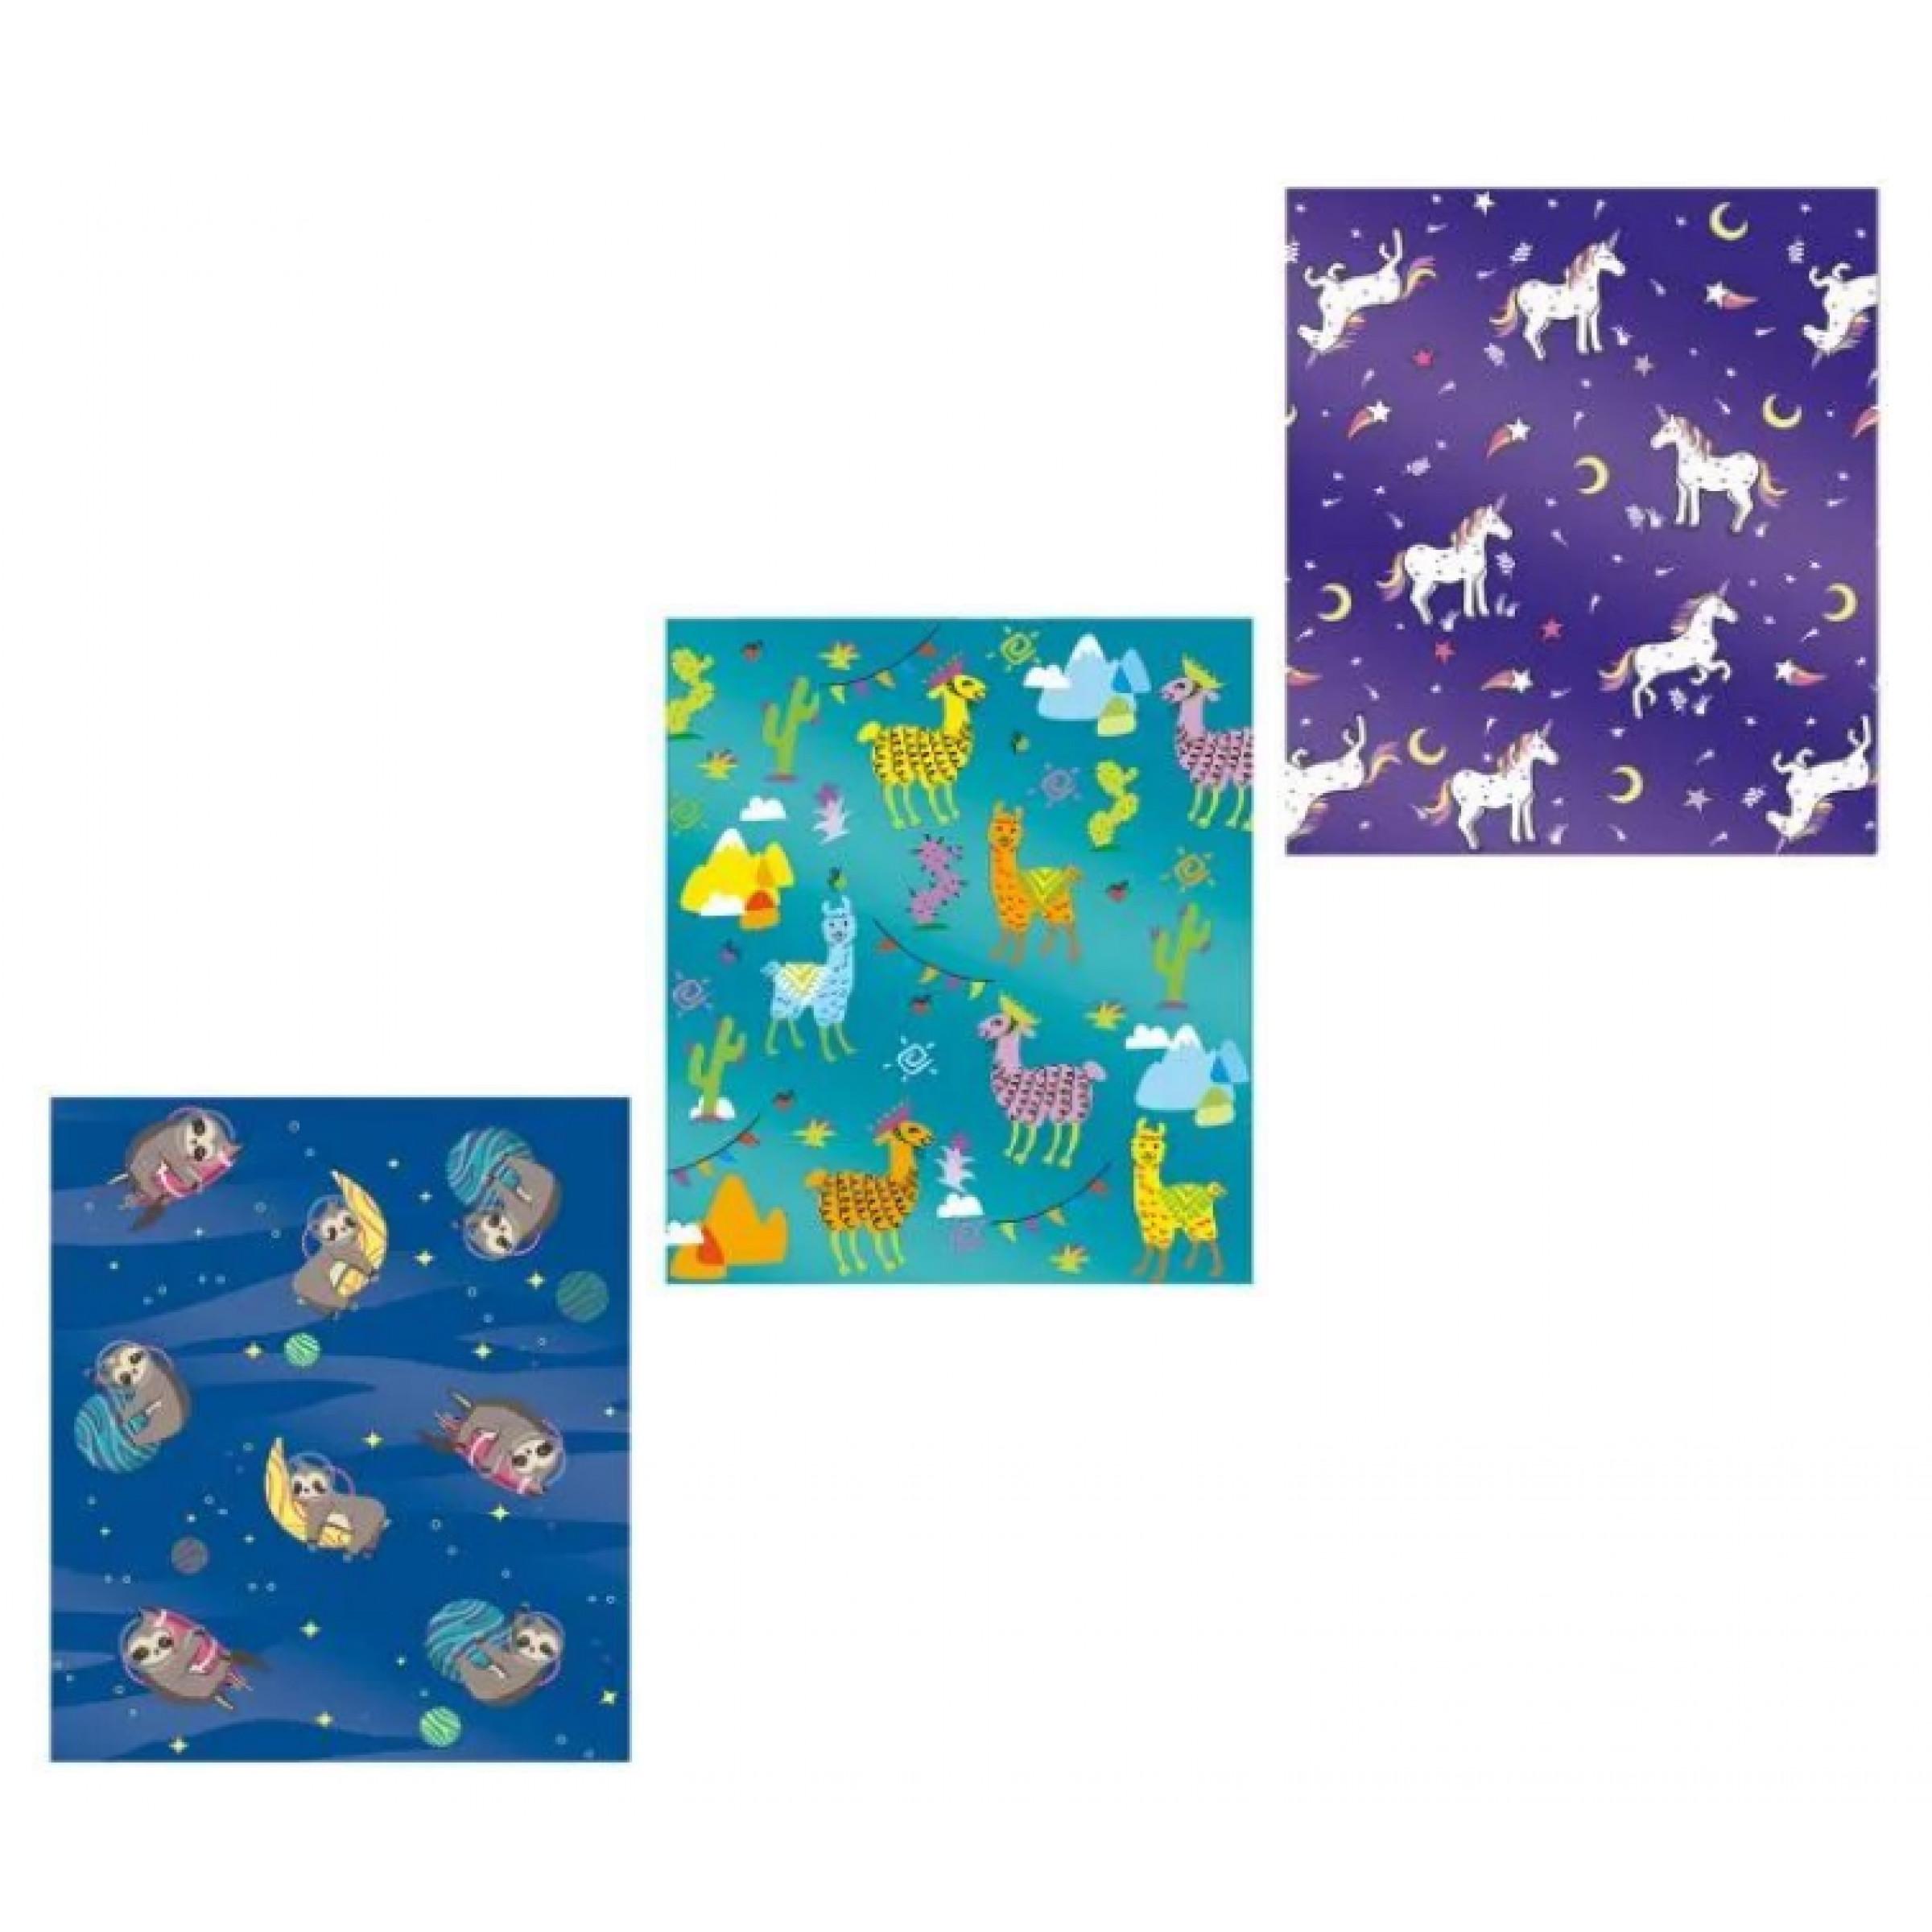 """Обложки для тетрадей с голографическим рисунком """"Зверята"""", 3шт."""